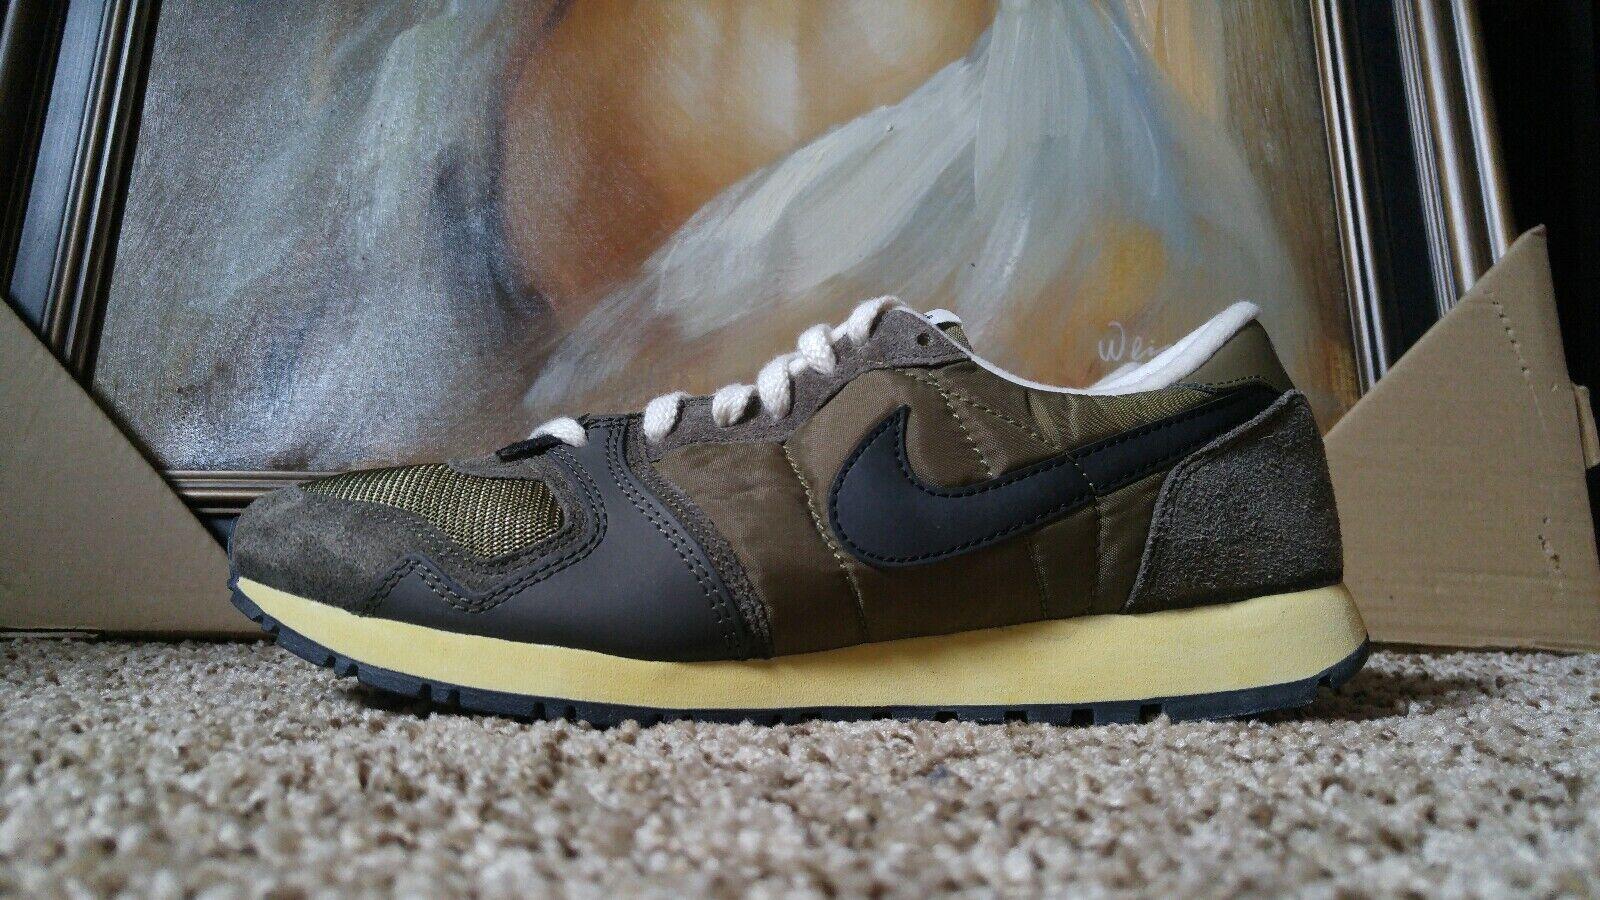 Nike Air Vengeance (VNTG) 2011 Vintage Size 11 Iguana Black Sail 429626 202